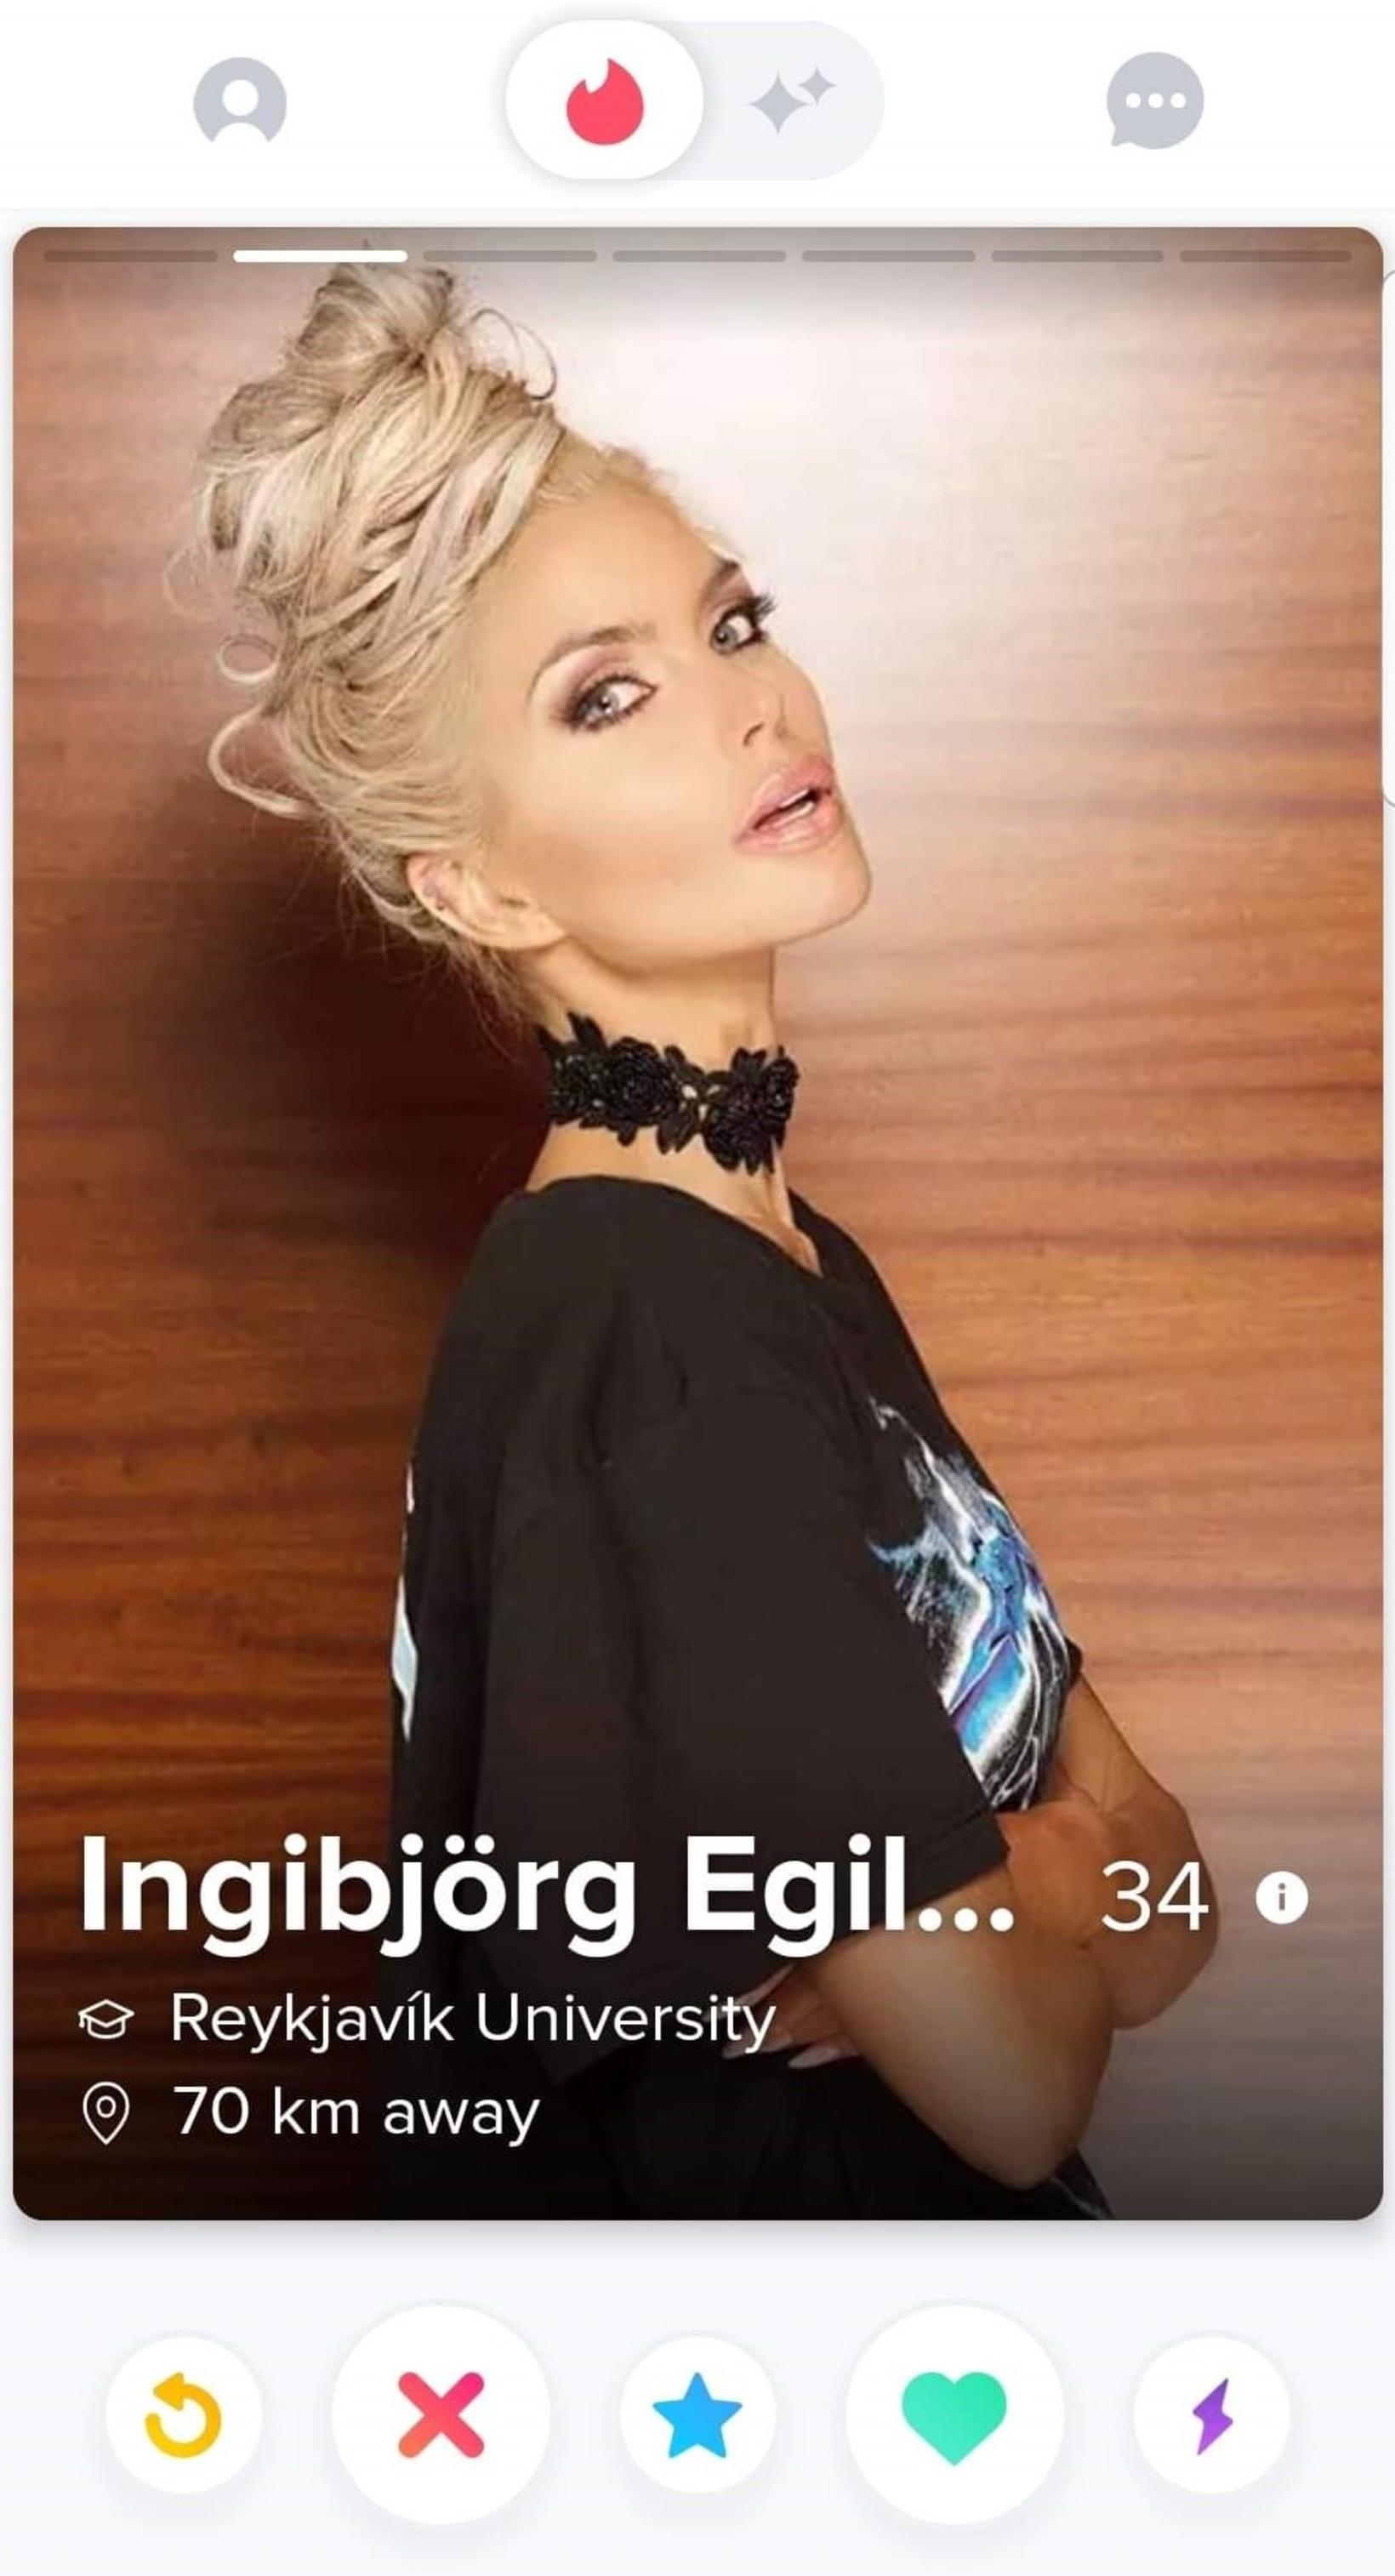 Ingibjörg Egilsdóttir.